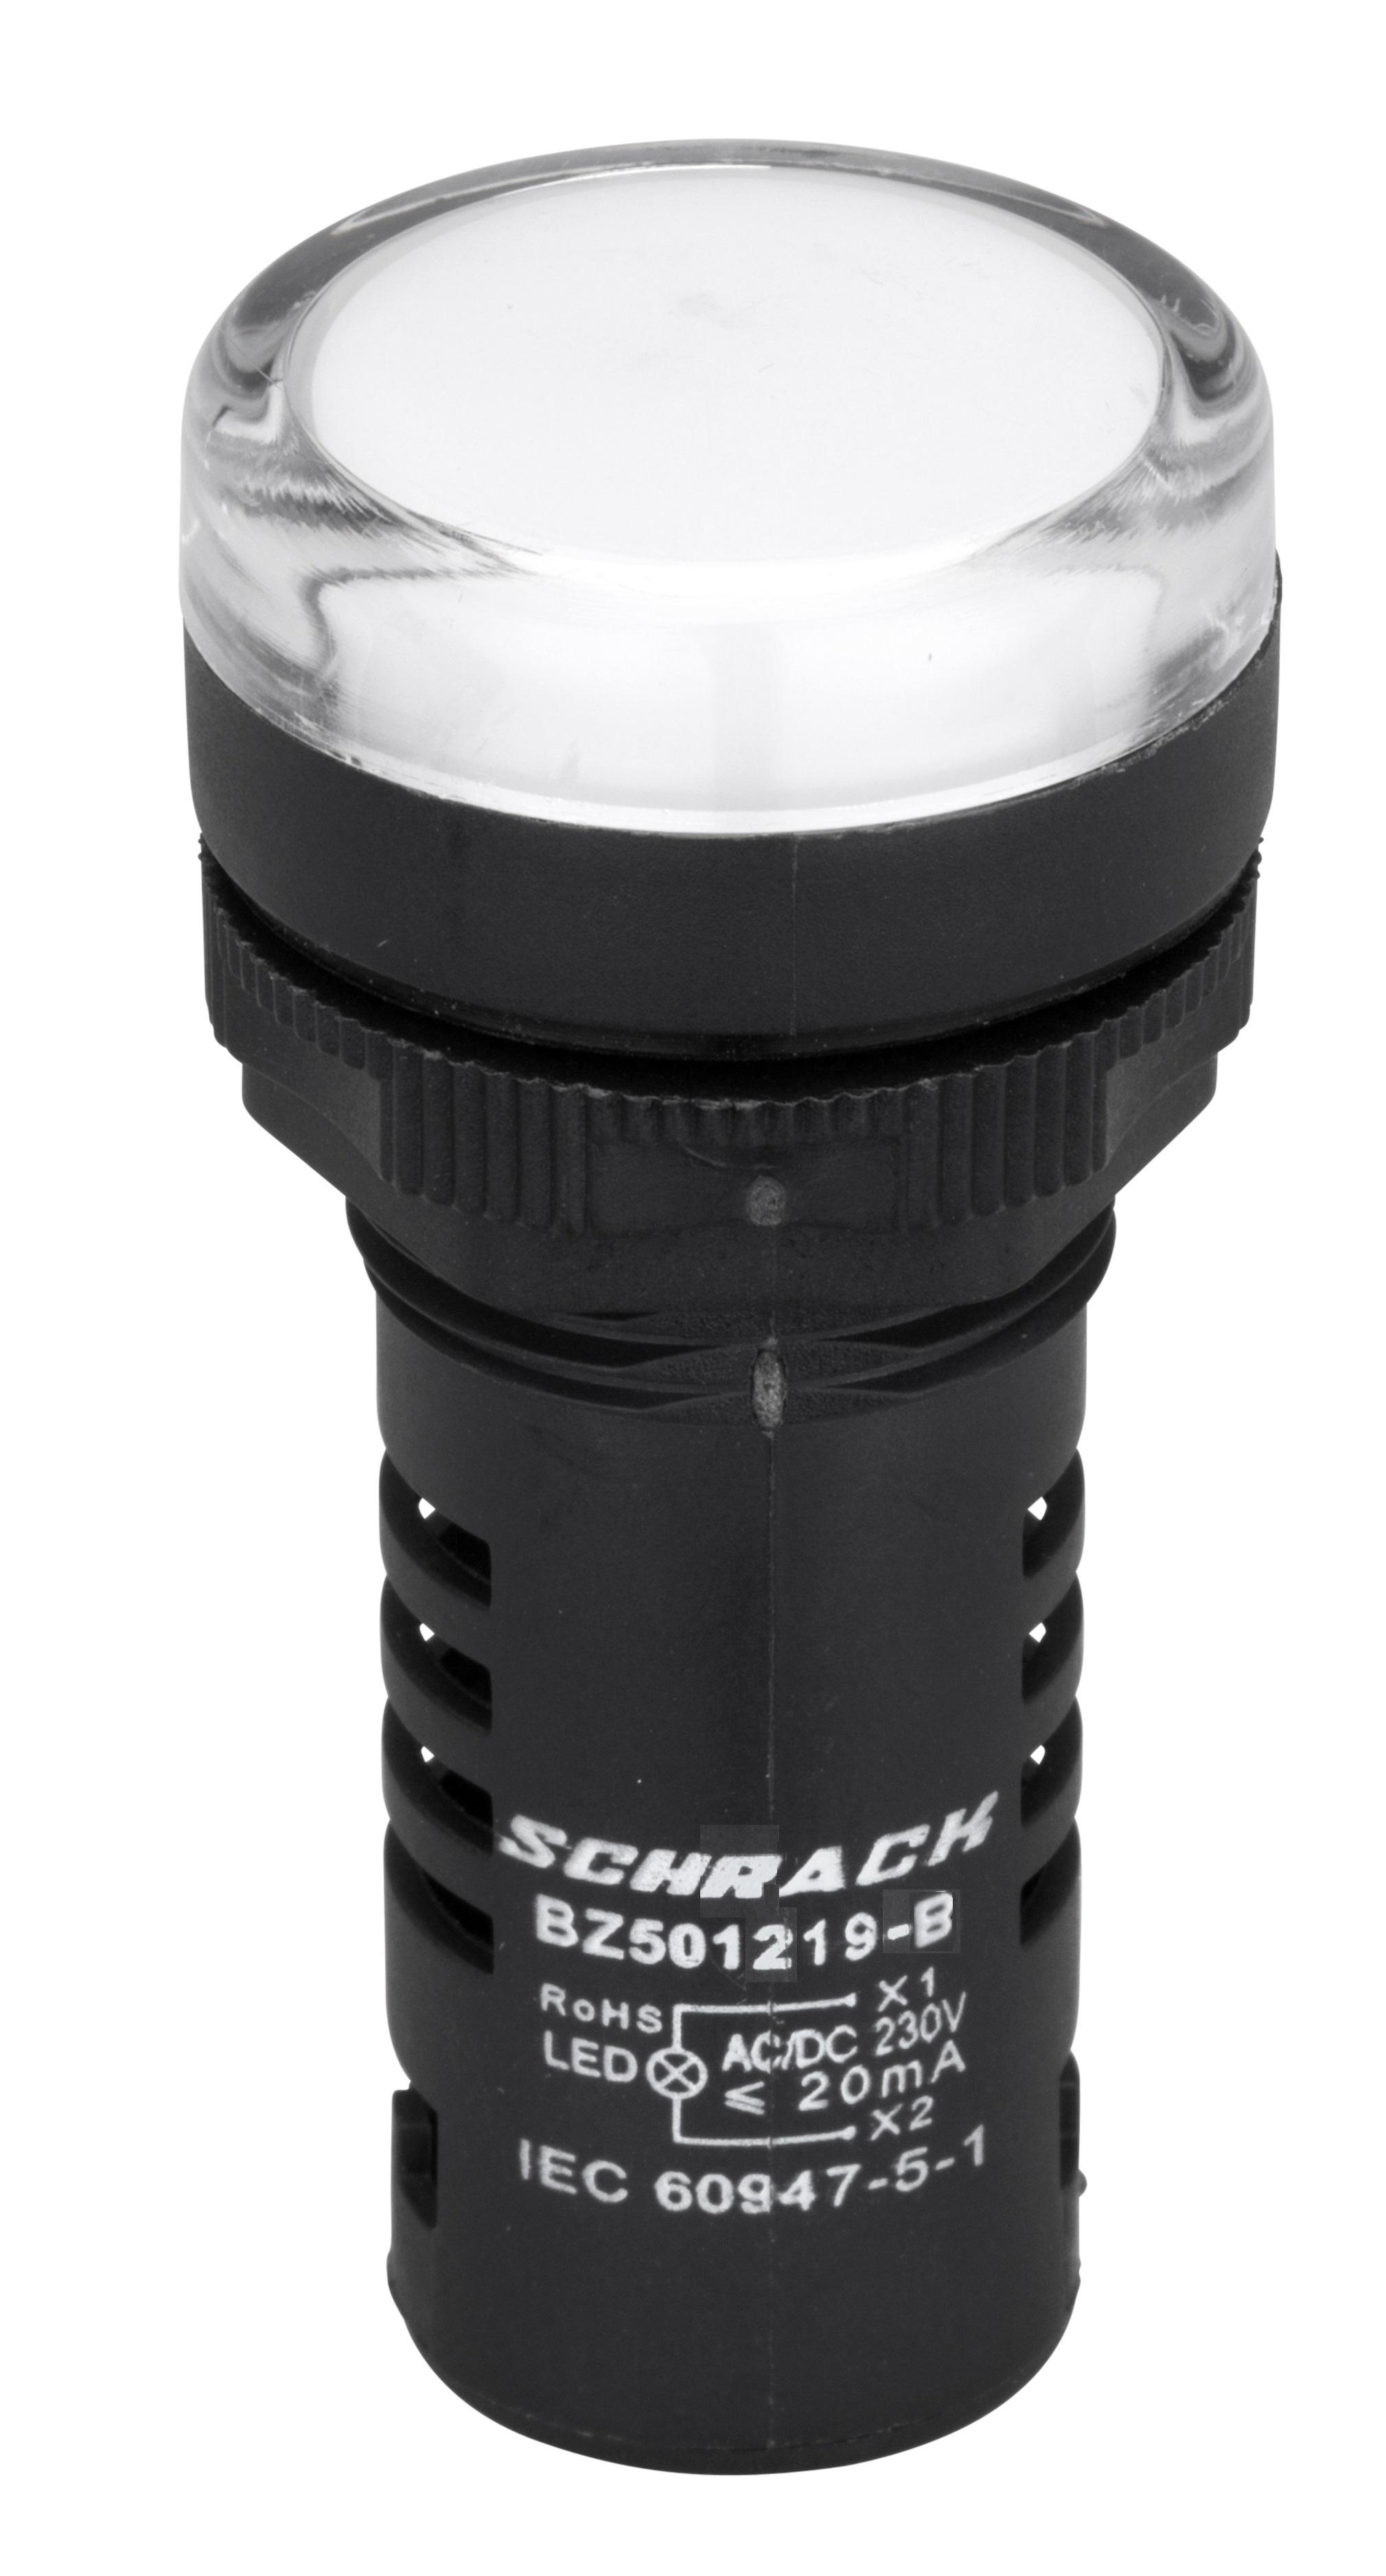 1 Stk LED-Leuchtmelder Monoblock  230 V - AC/DC weiß BZ501219-B